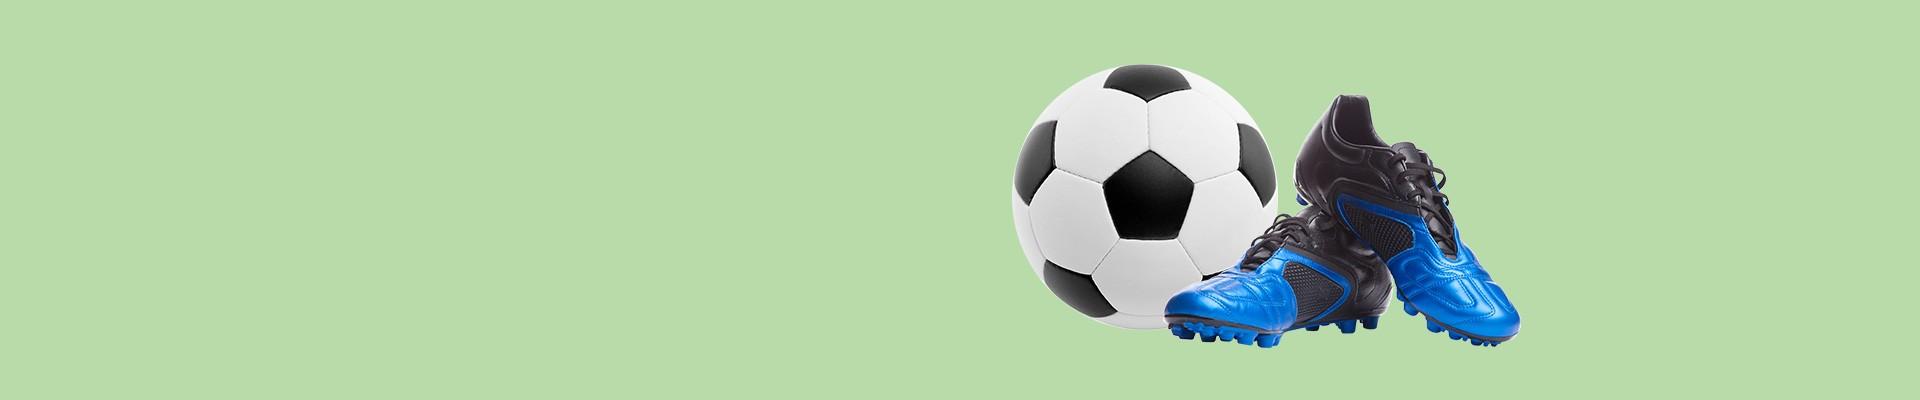 Jual Alat Olahraga Terlengkap - Harga Terbaik